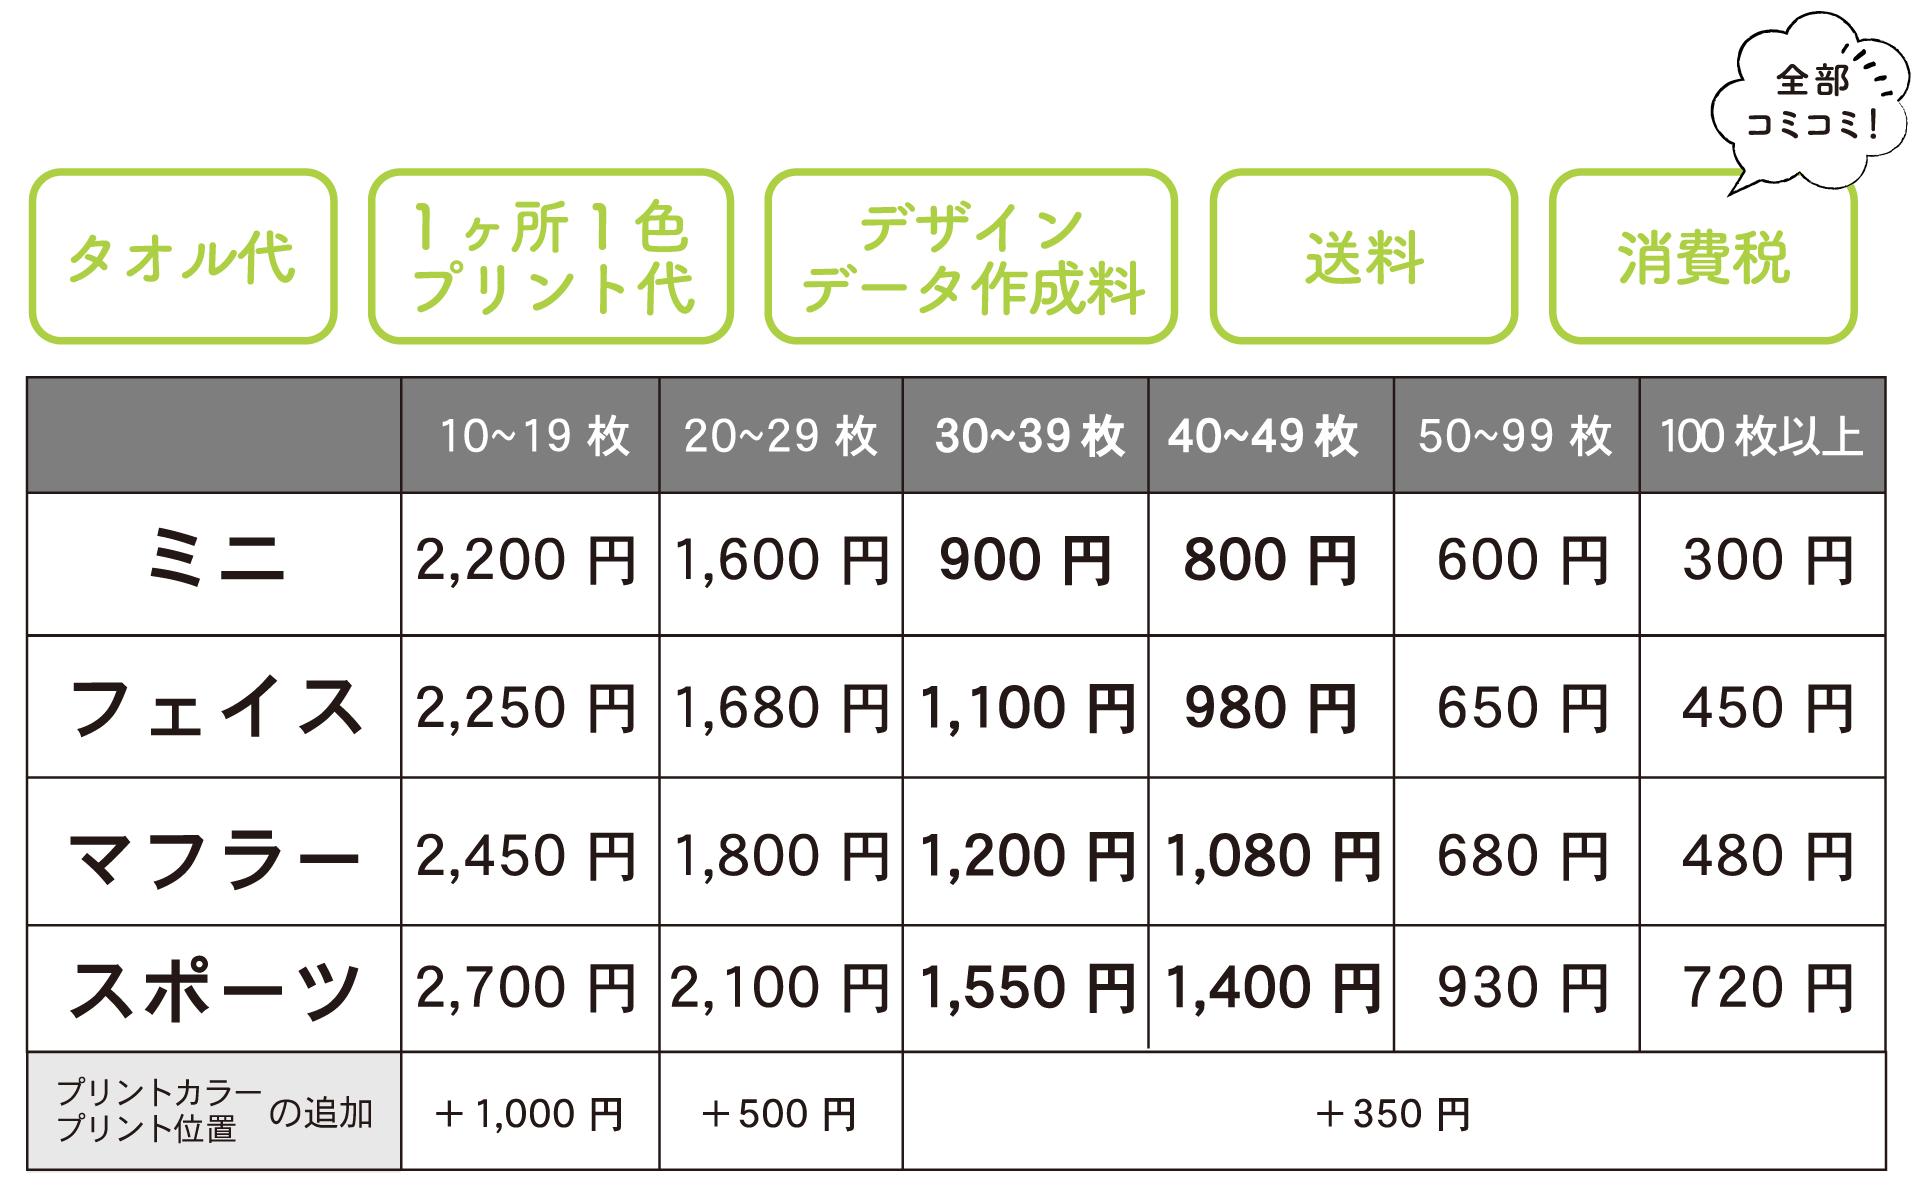 フレームプリント価格